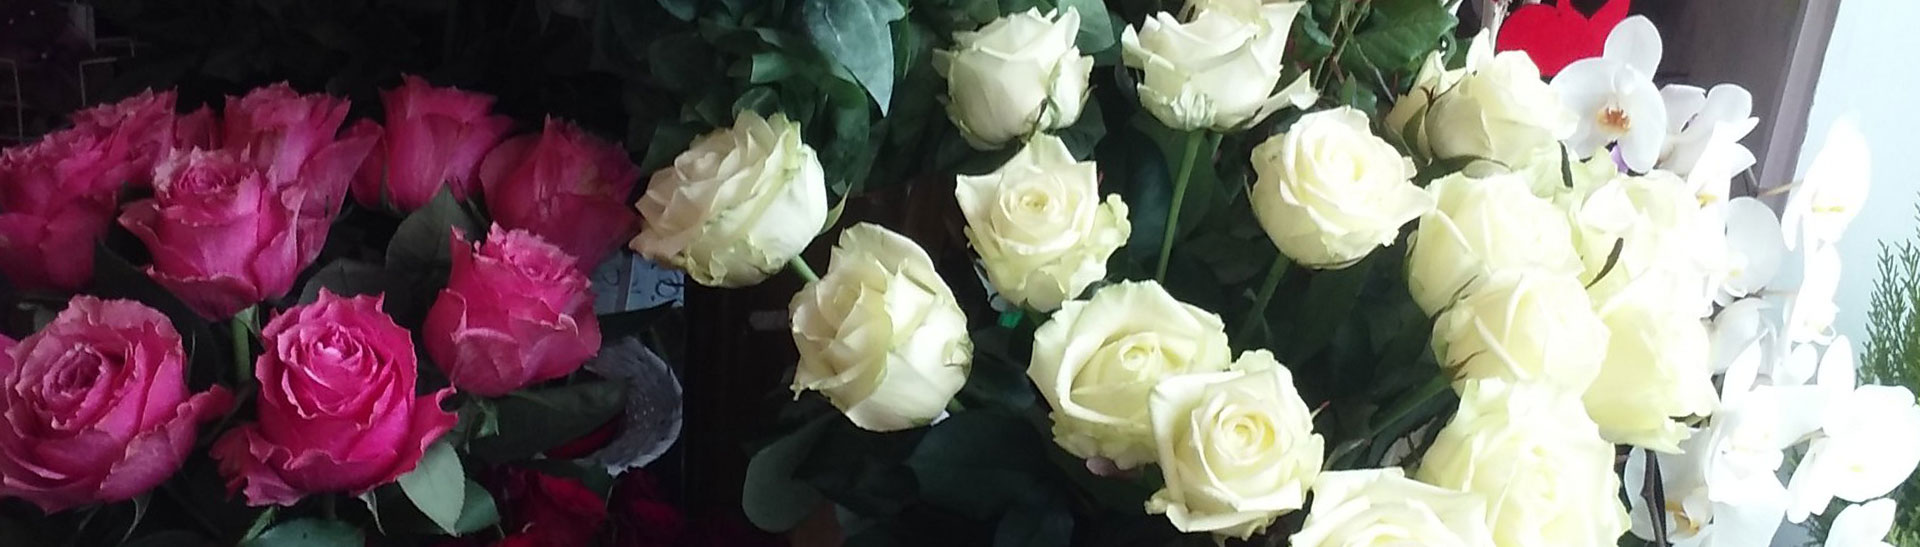 Kwiaciarnia Flora w Gdyni